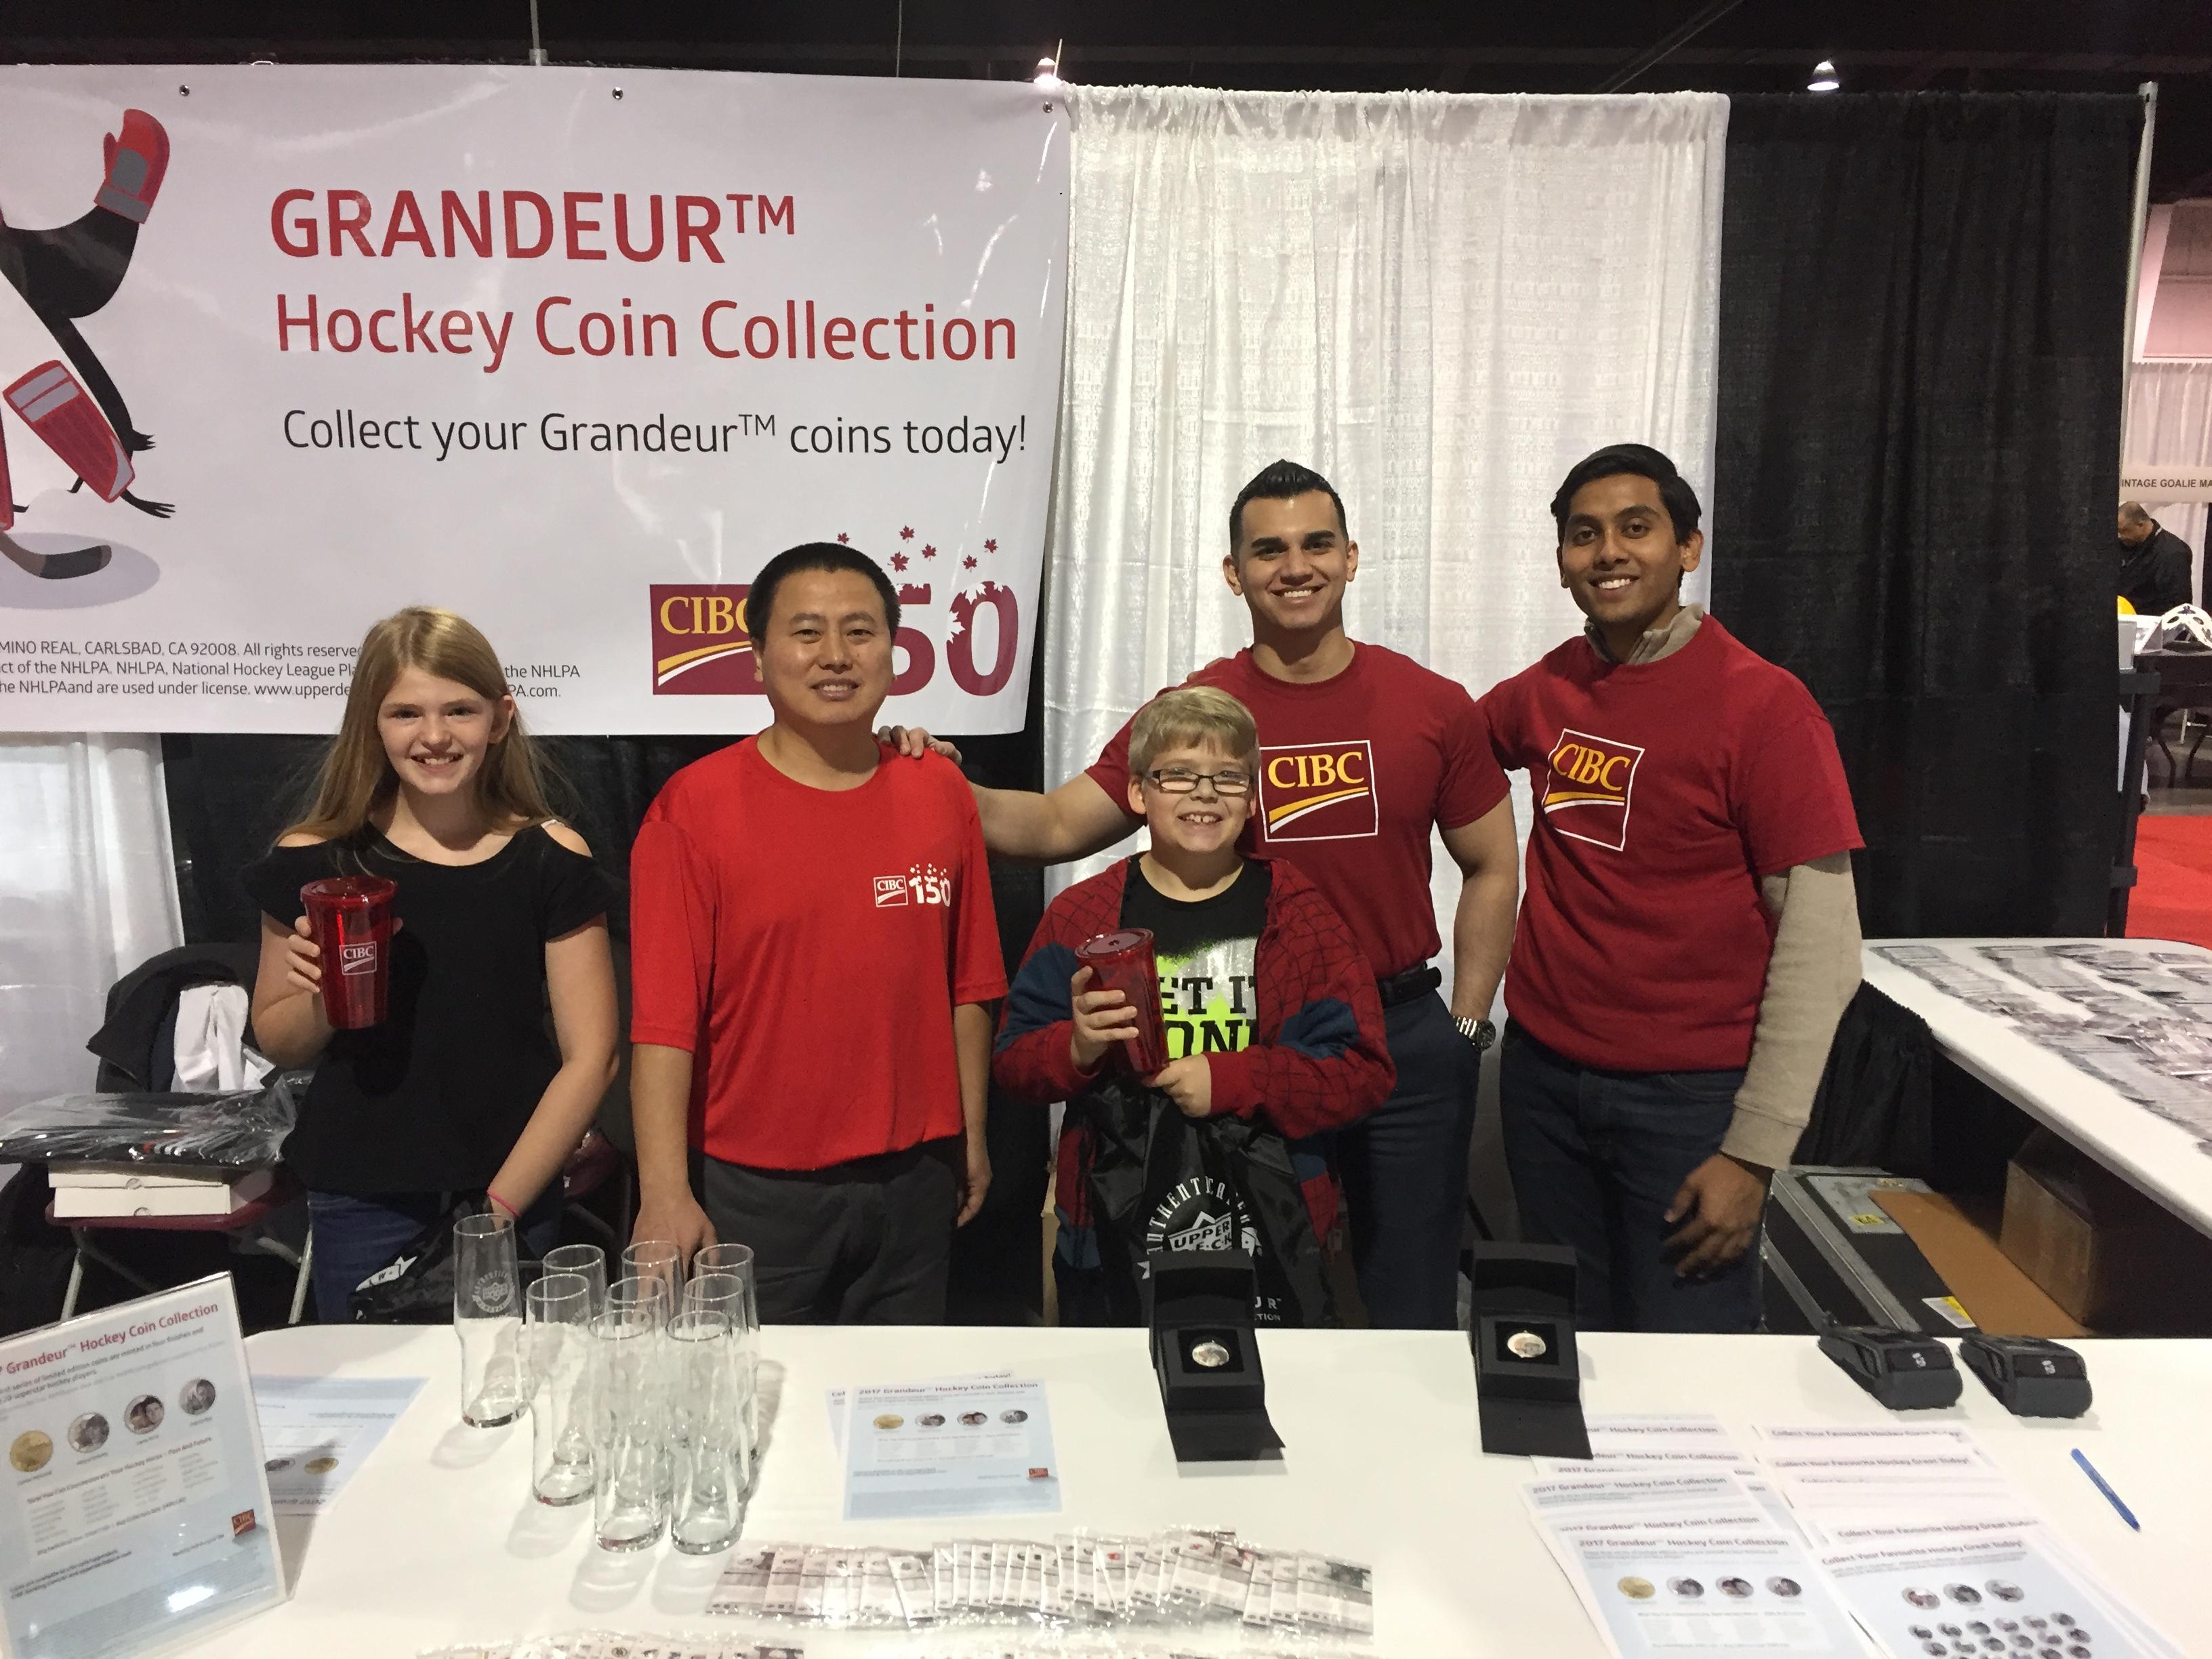 Grandeur-Upper-Deck-NHLPA-Hockey-Coins-CIBC-Booth-Expo-Customer-Appreciation